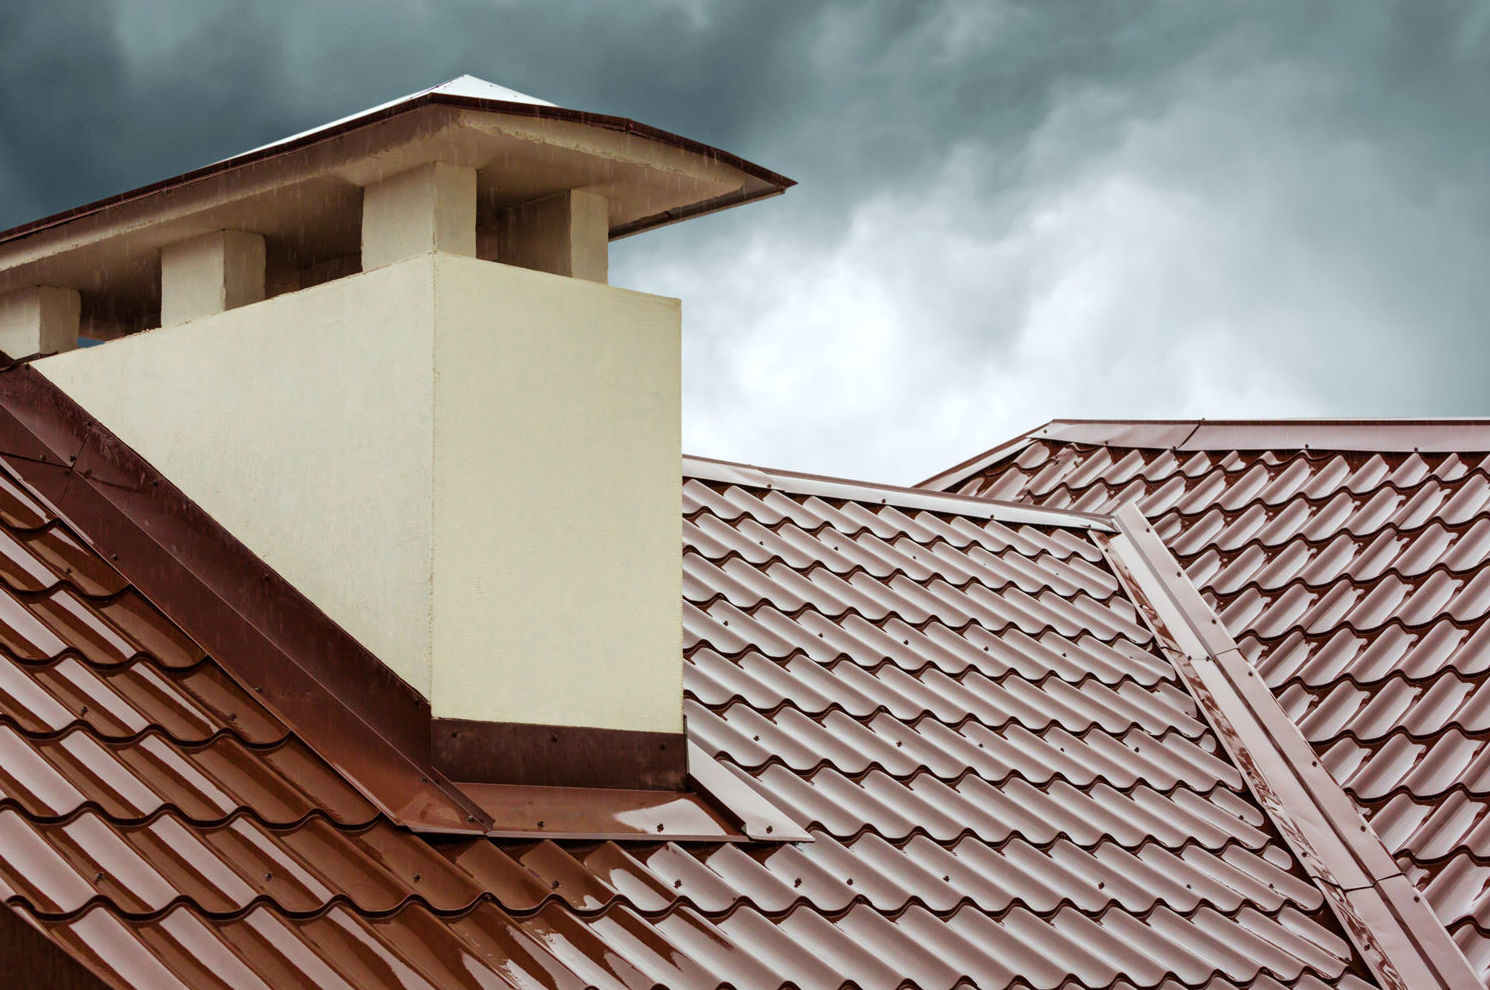 Rehabilitación de tejados y cubiertas